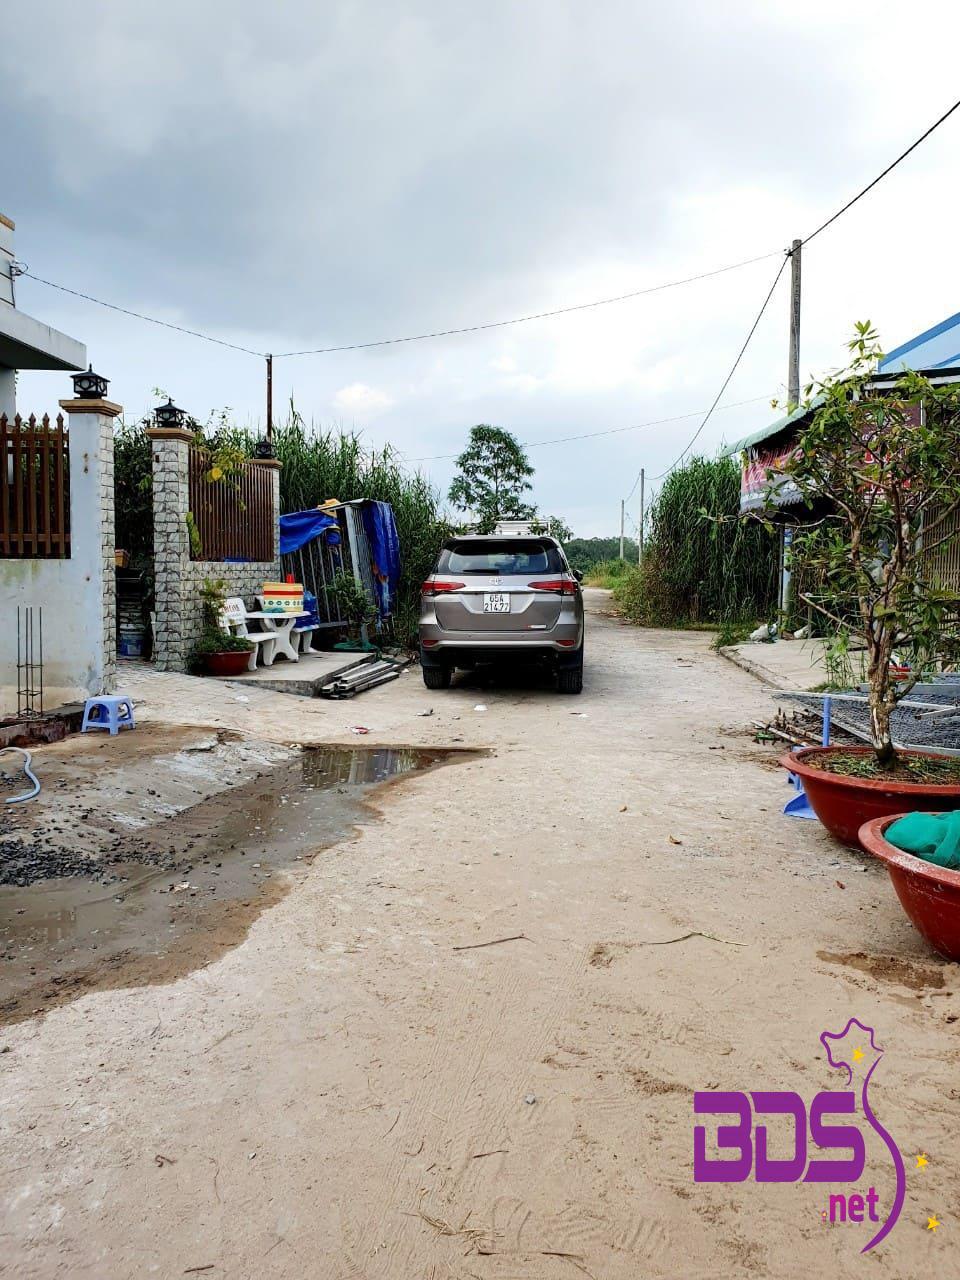 Bán nền thổ cư diện tích lớn khu Đồng quê qua cầu bình thủy-5